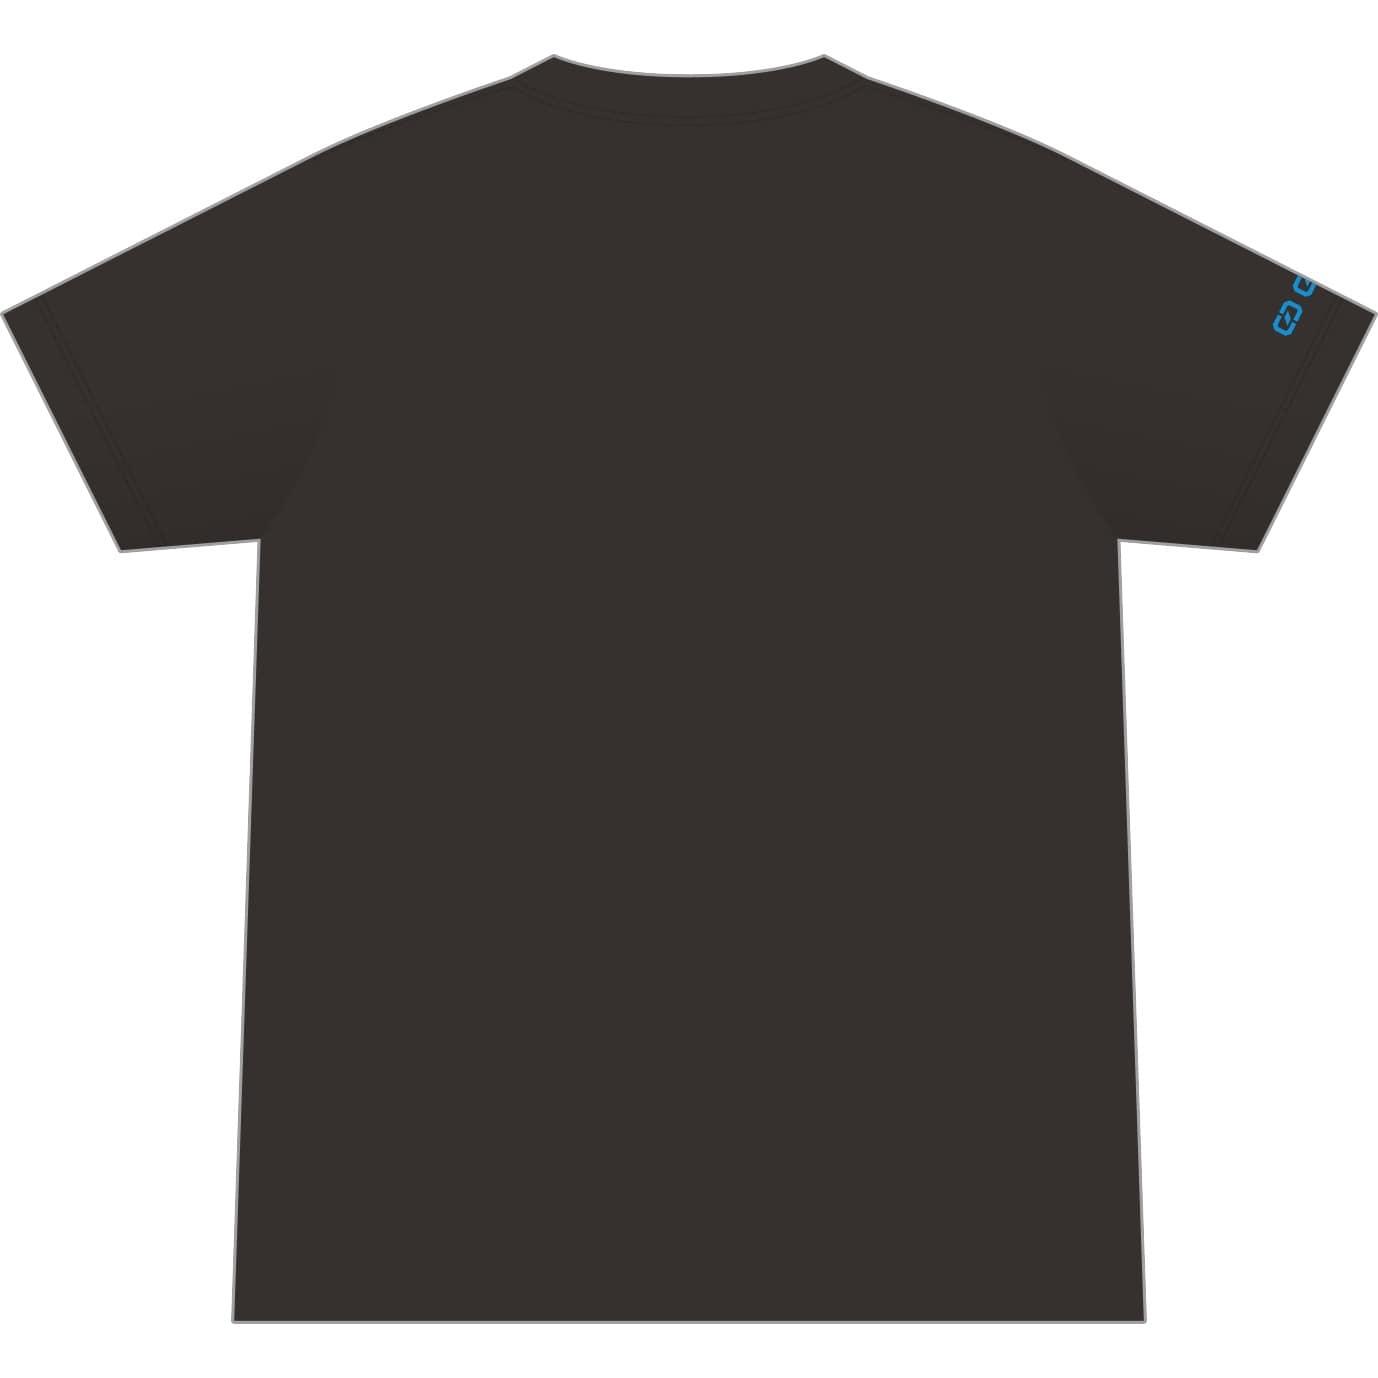 映画「GODZILLA 怪獣惑星」 オリジナルTシャツ/000 <Mサイズ>